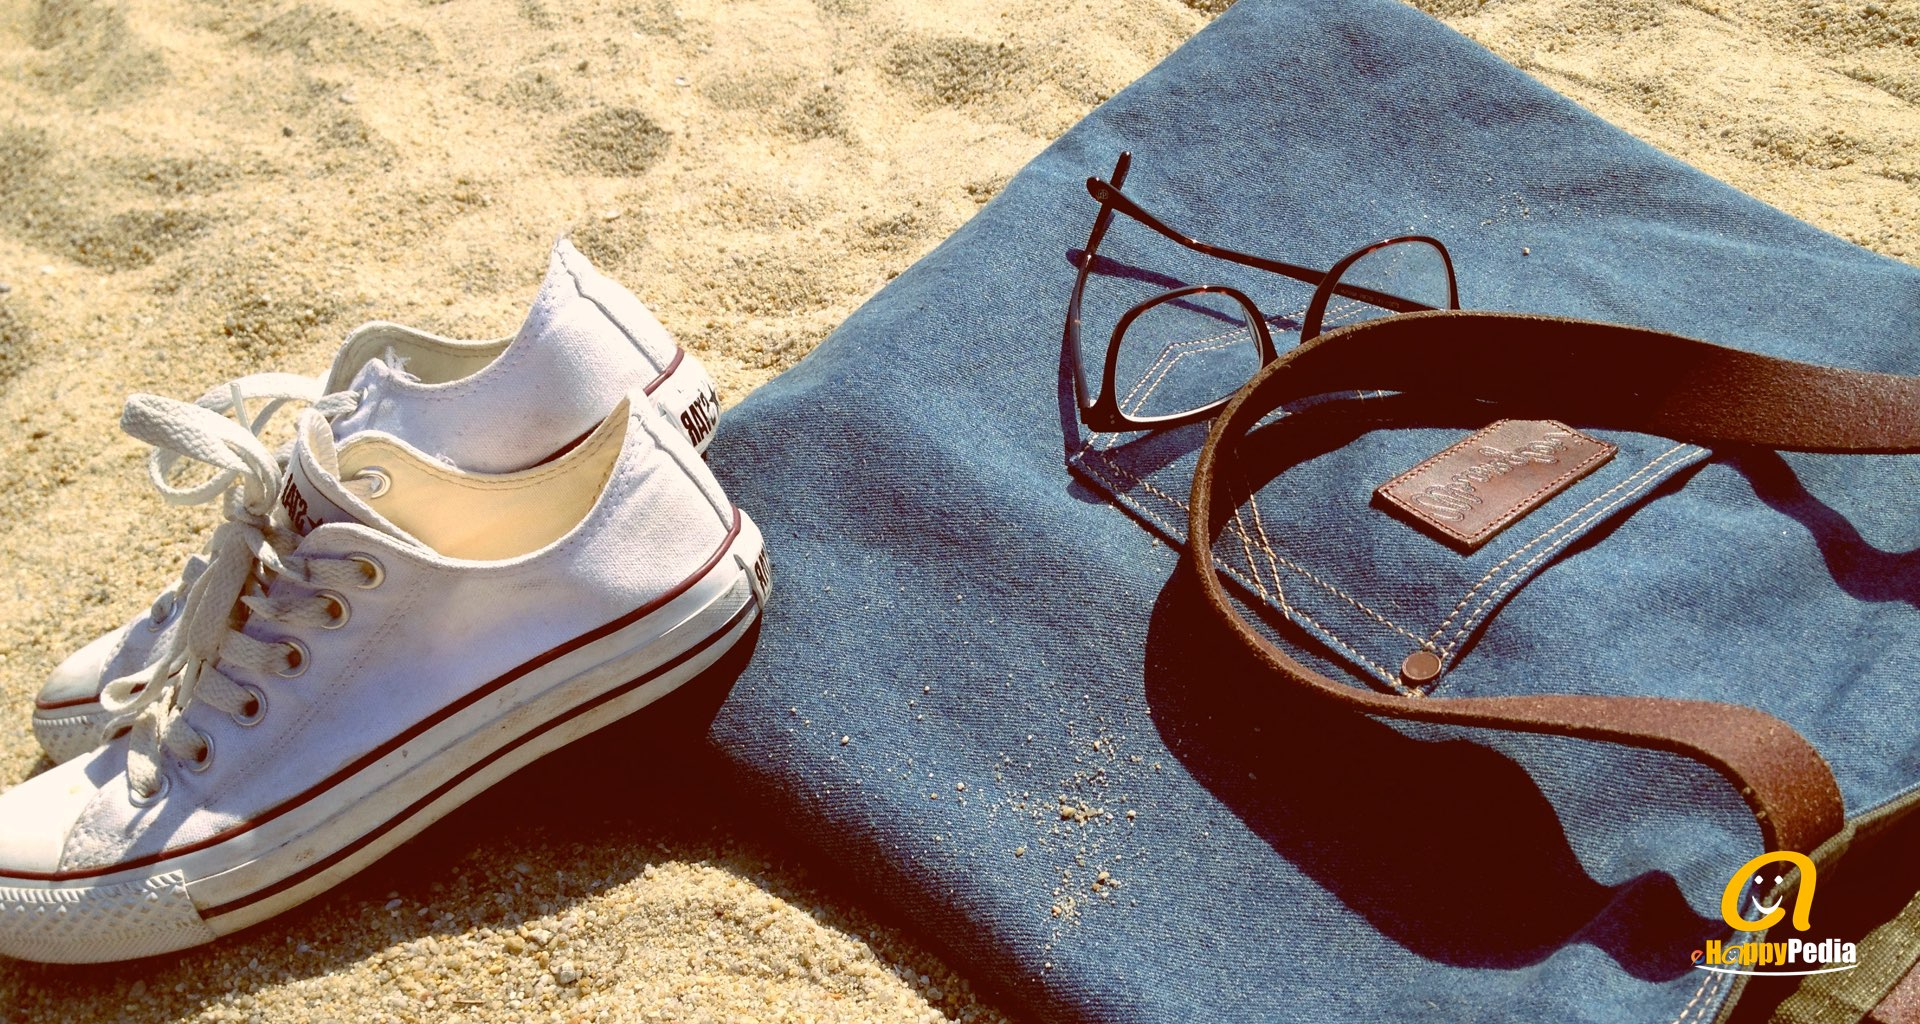 blog - beach clothe sand sun.jpeg